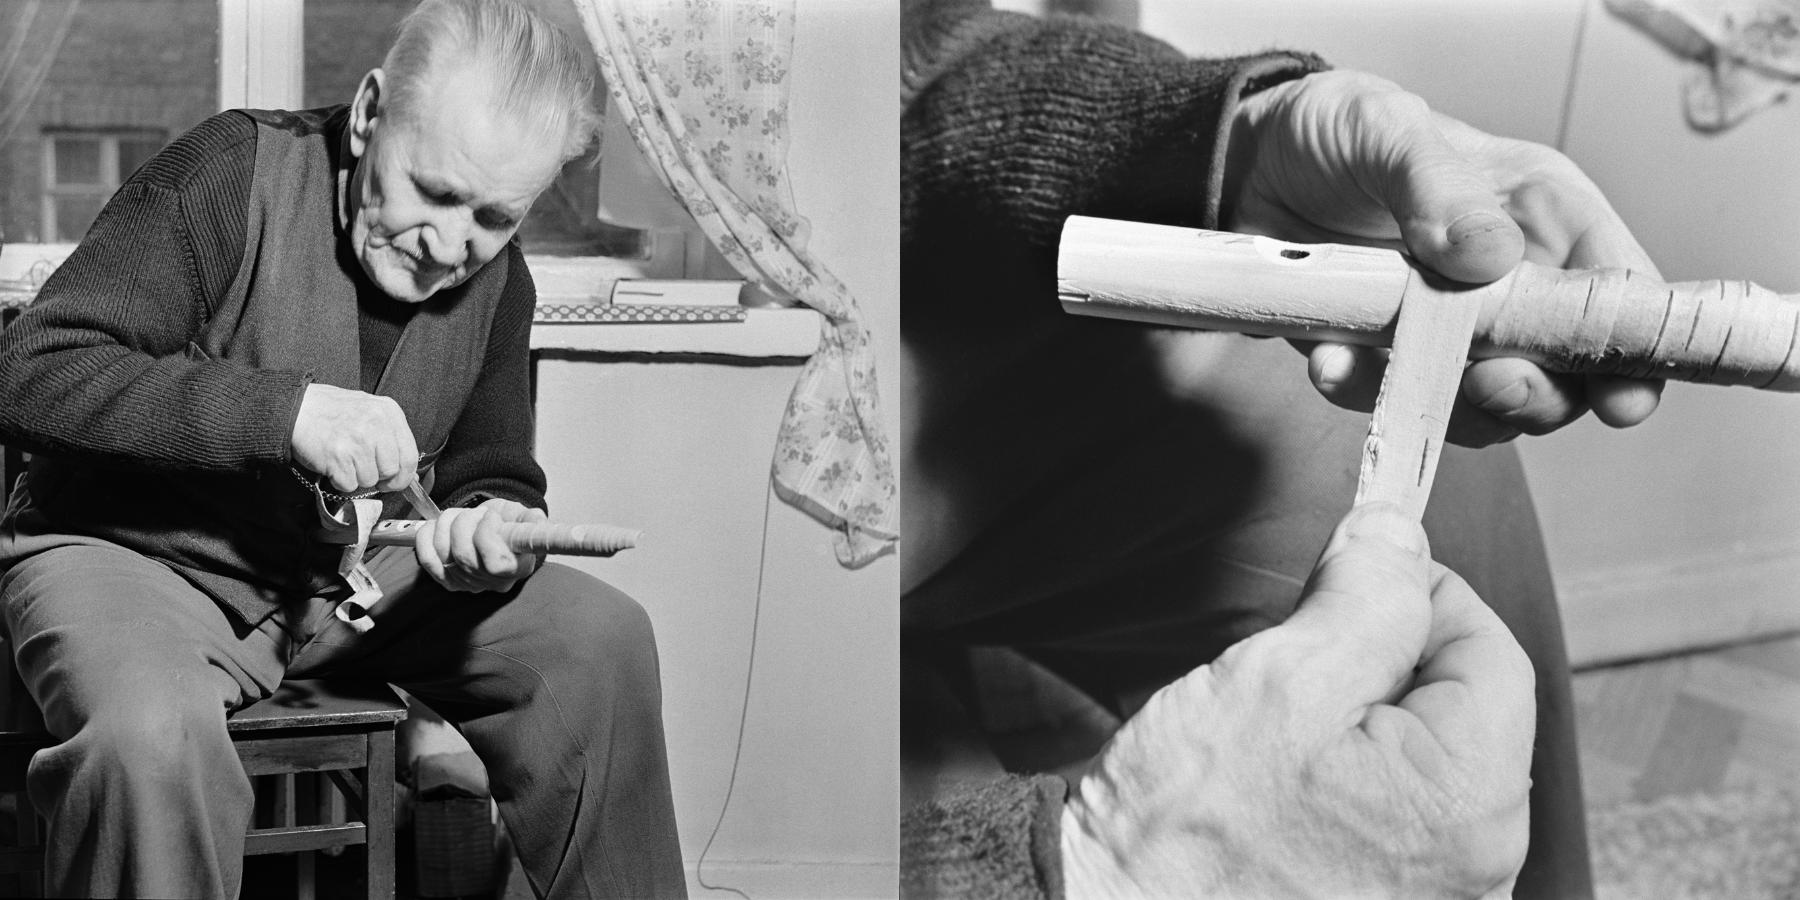 Teppo Repo oli taitava soitinrakentaja. Tässä hän rakentaa tuohisoitinta. Kuvattu Helsingissä vuonna 1958, Kuvaaja István Rácz. Kuvat Museovirasto KK5500:2353 ja KK5500:2354. CC BY 4.0